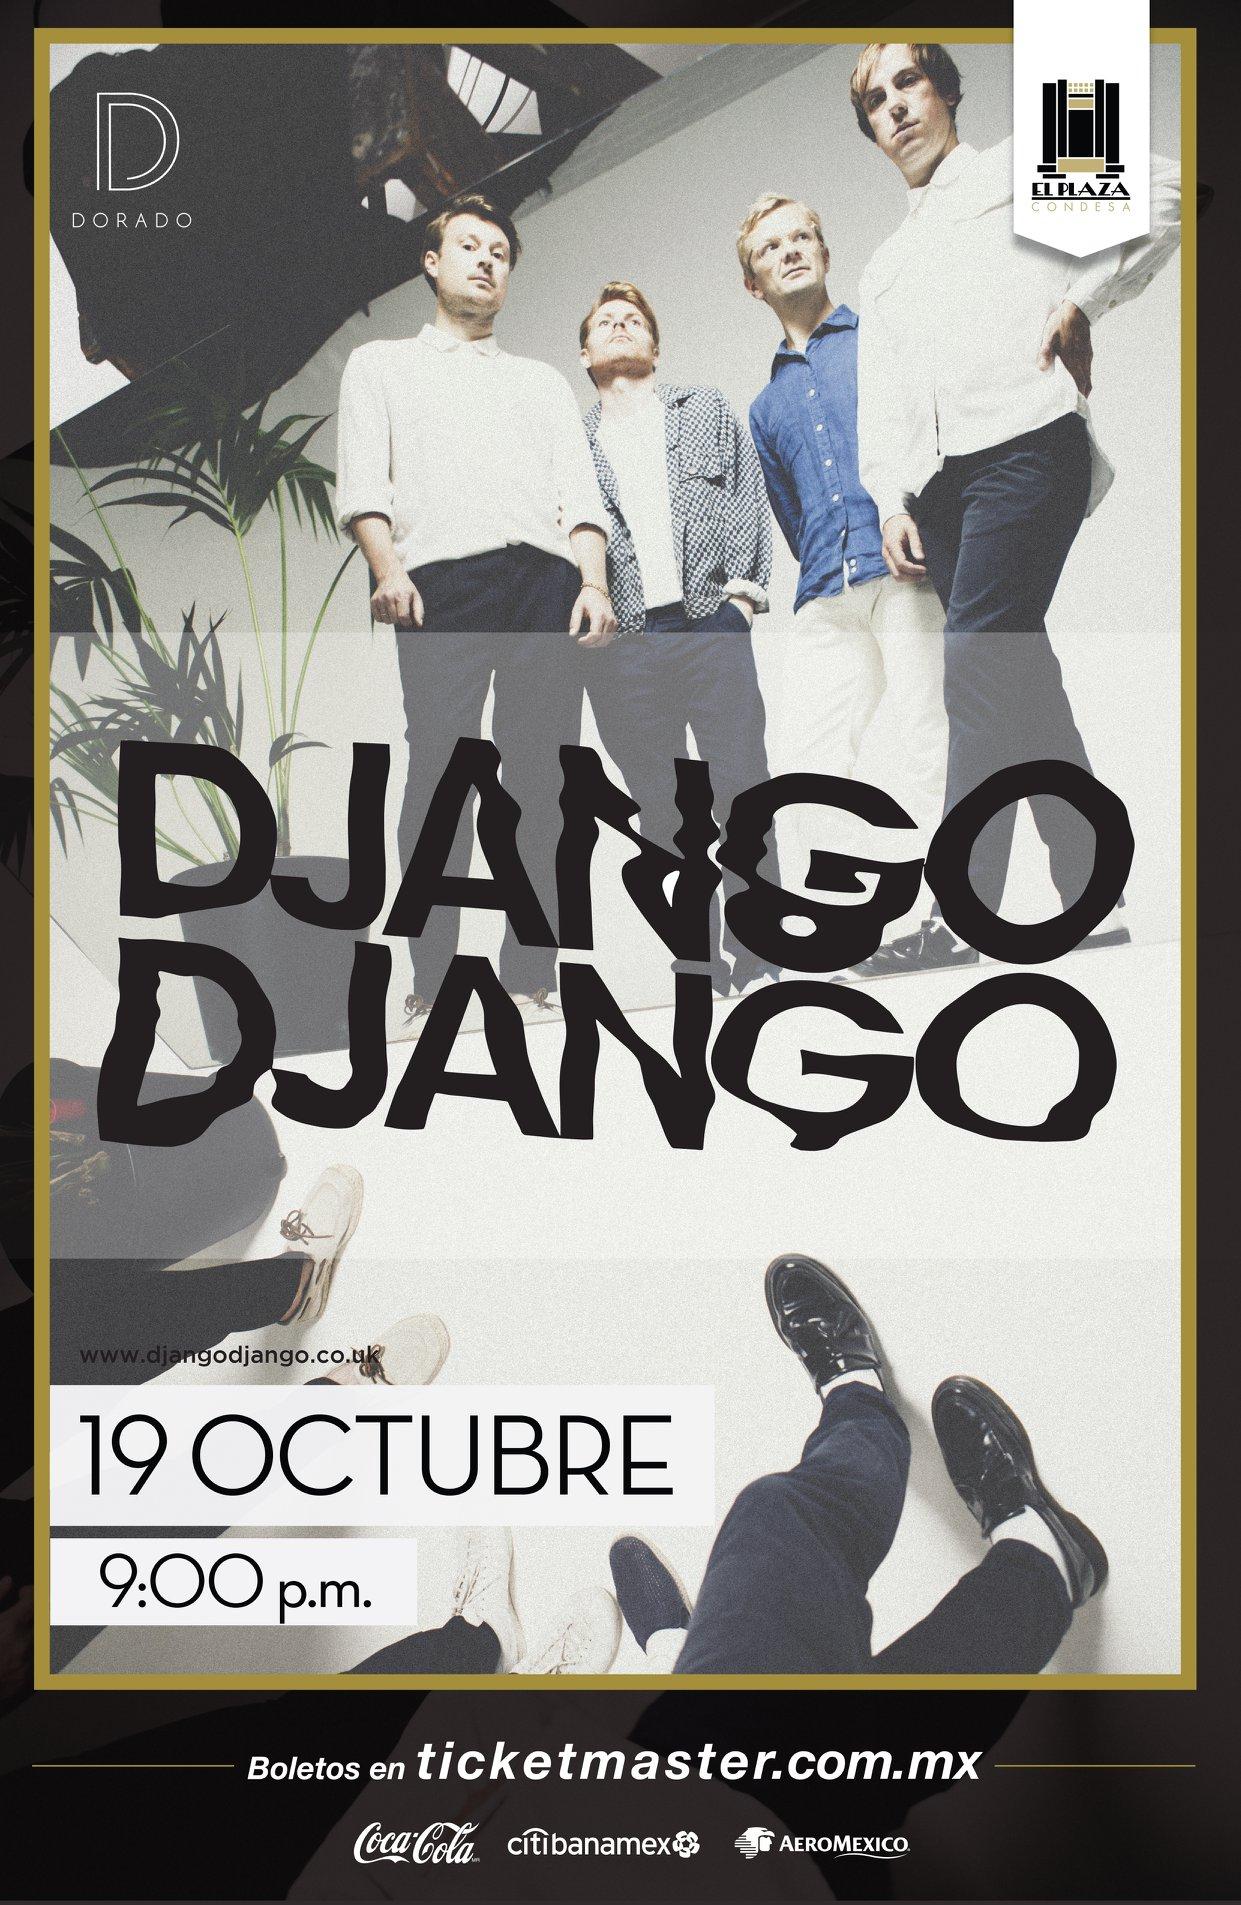 ¡Django Django viene por primera vez a México para un show en El Plaza!